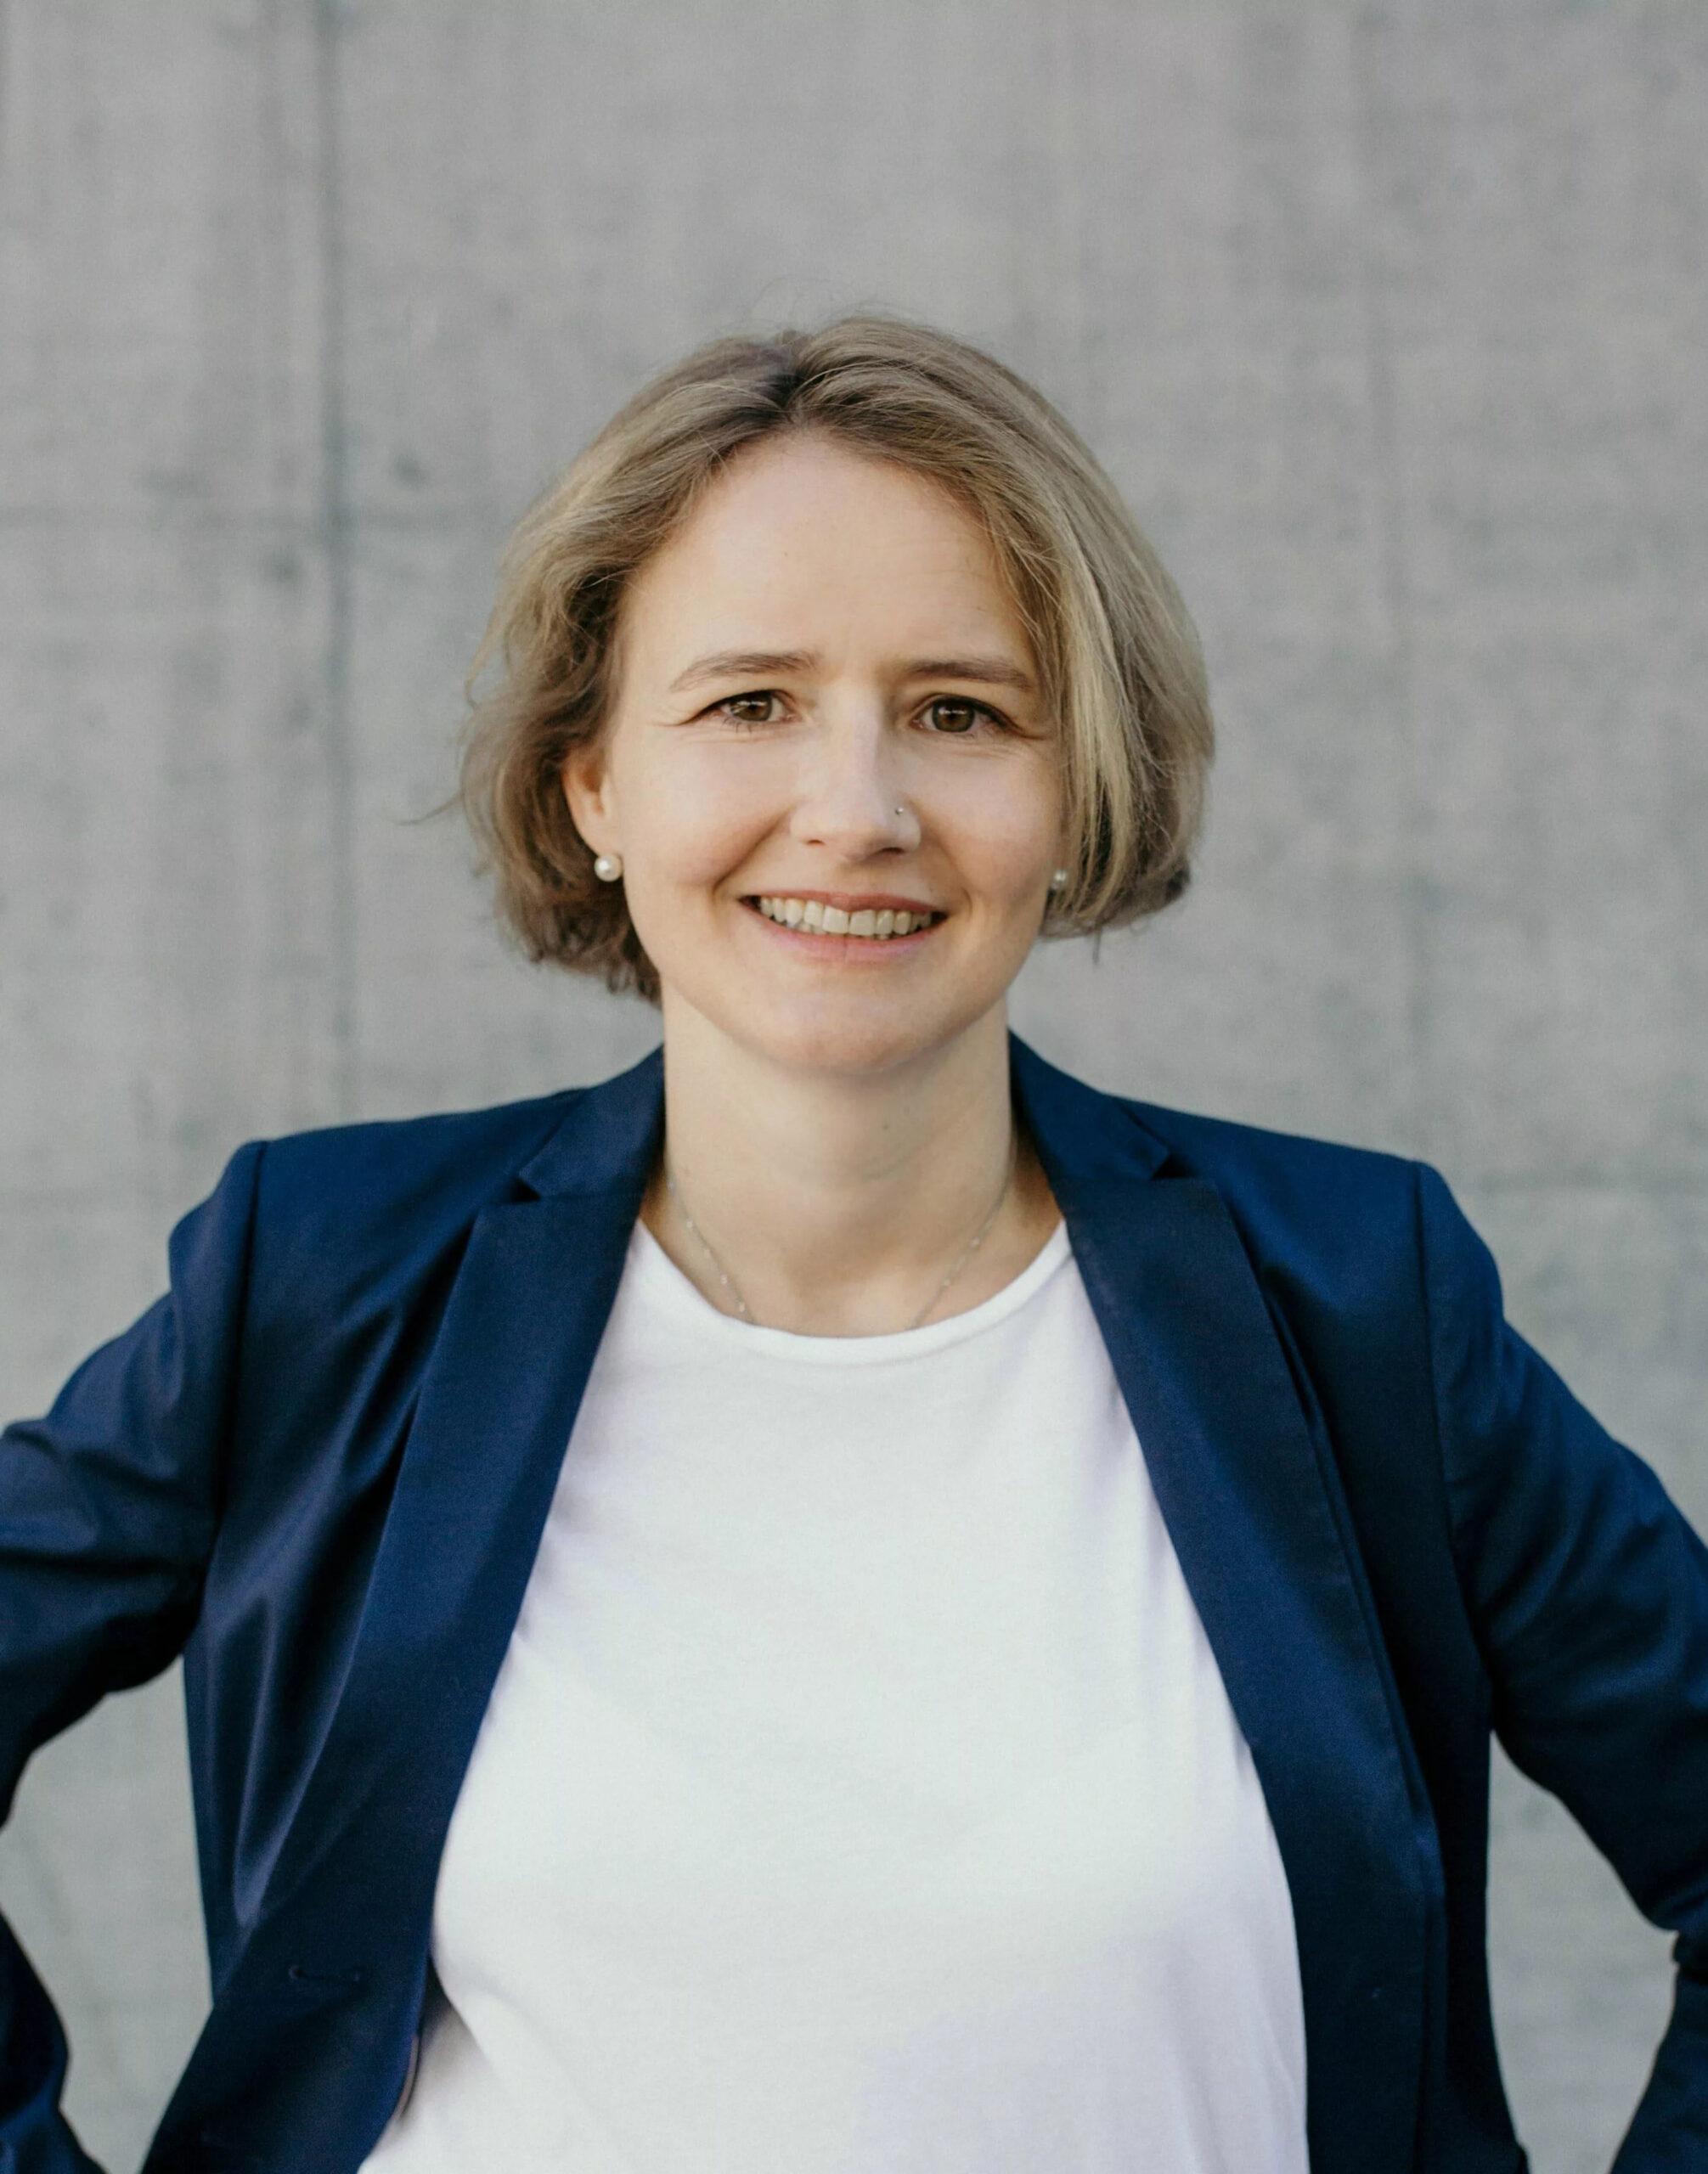 Mag. Stephanie Lichtenberg